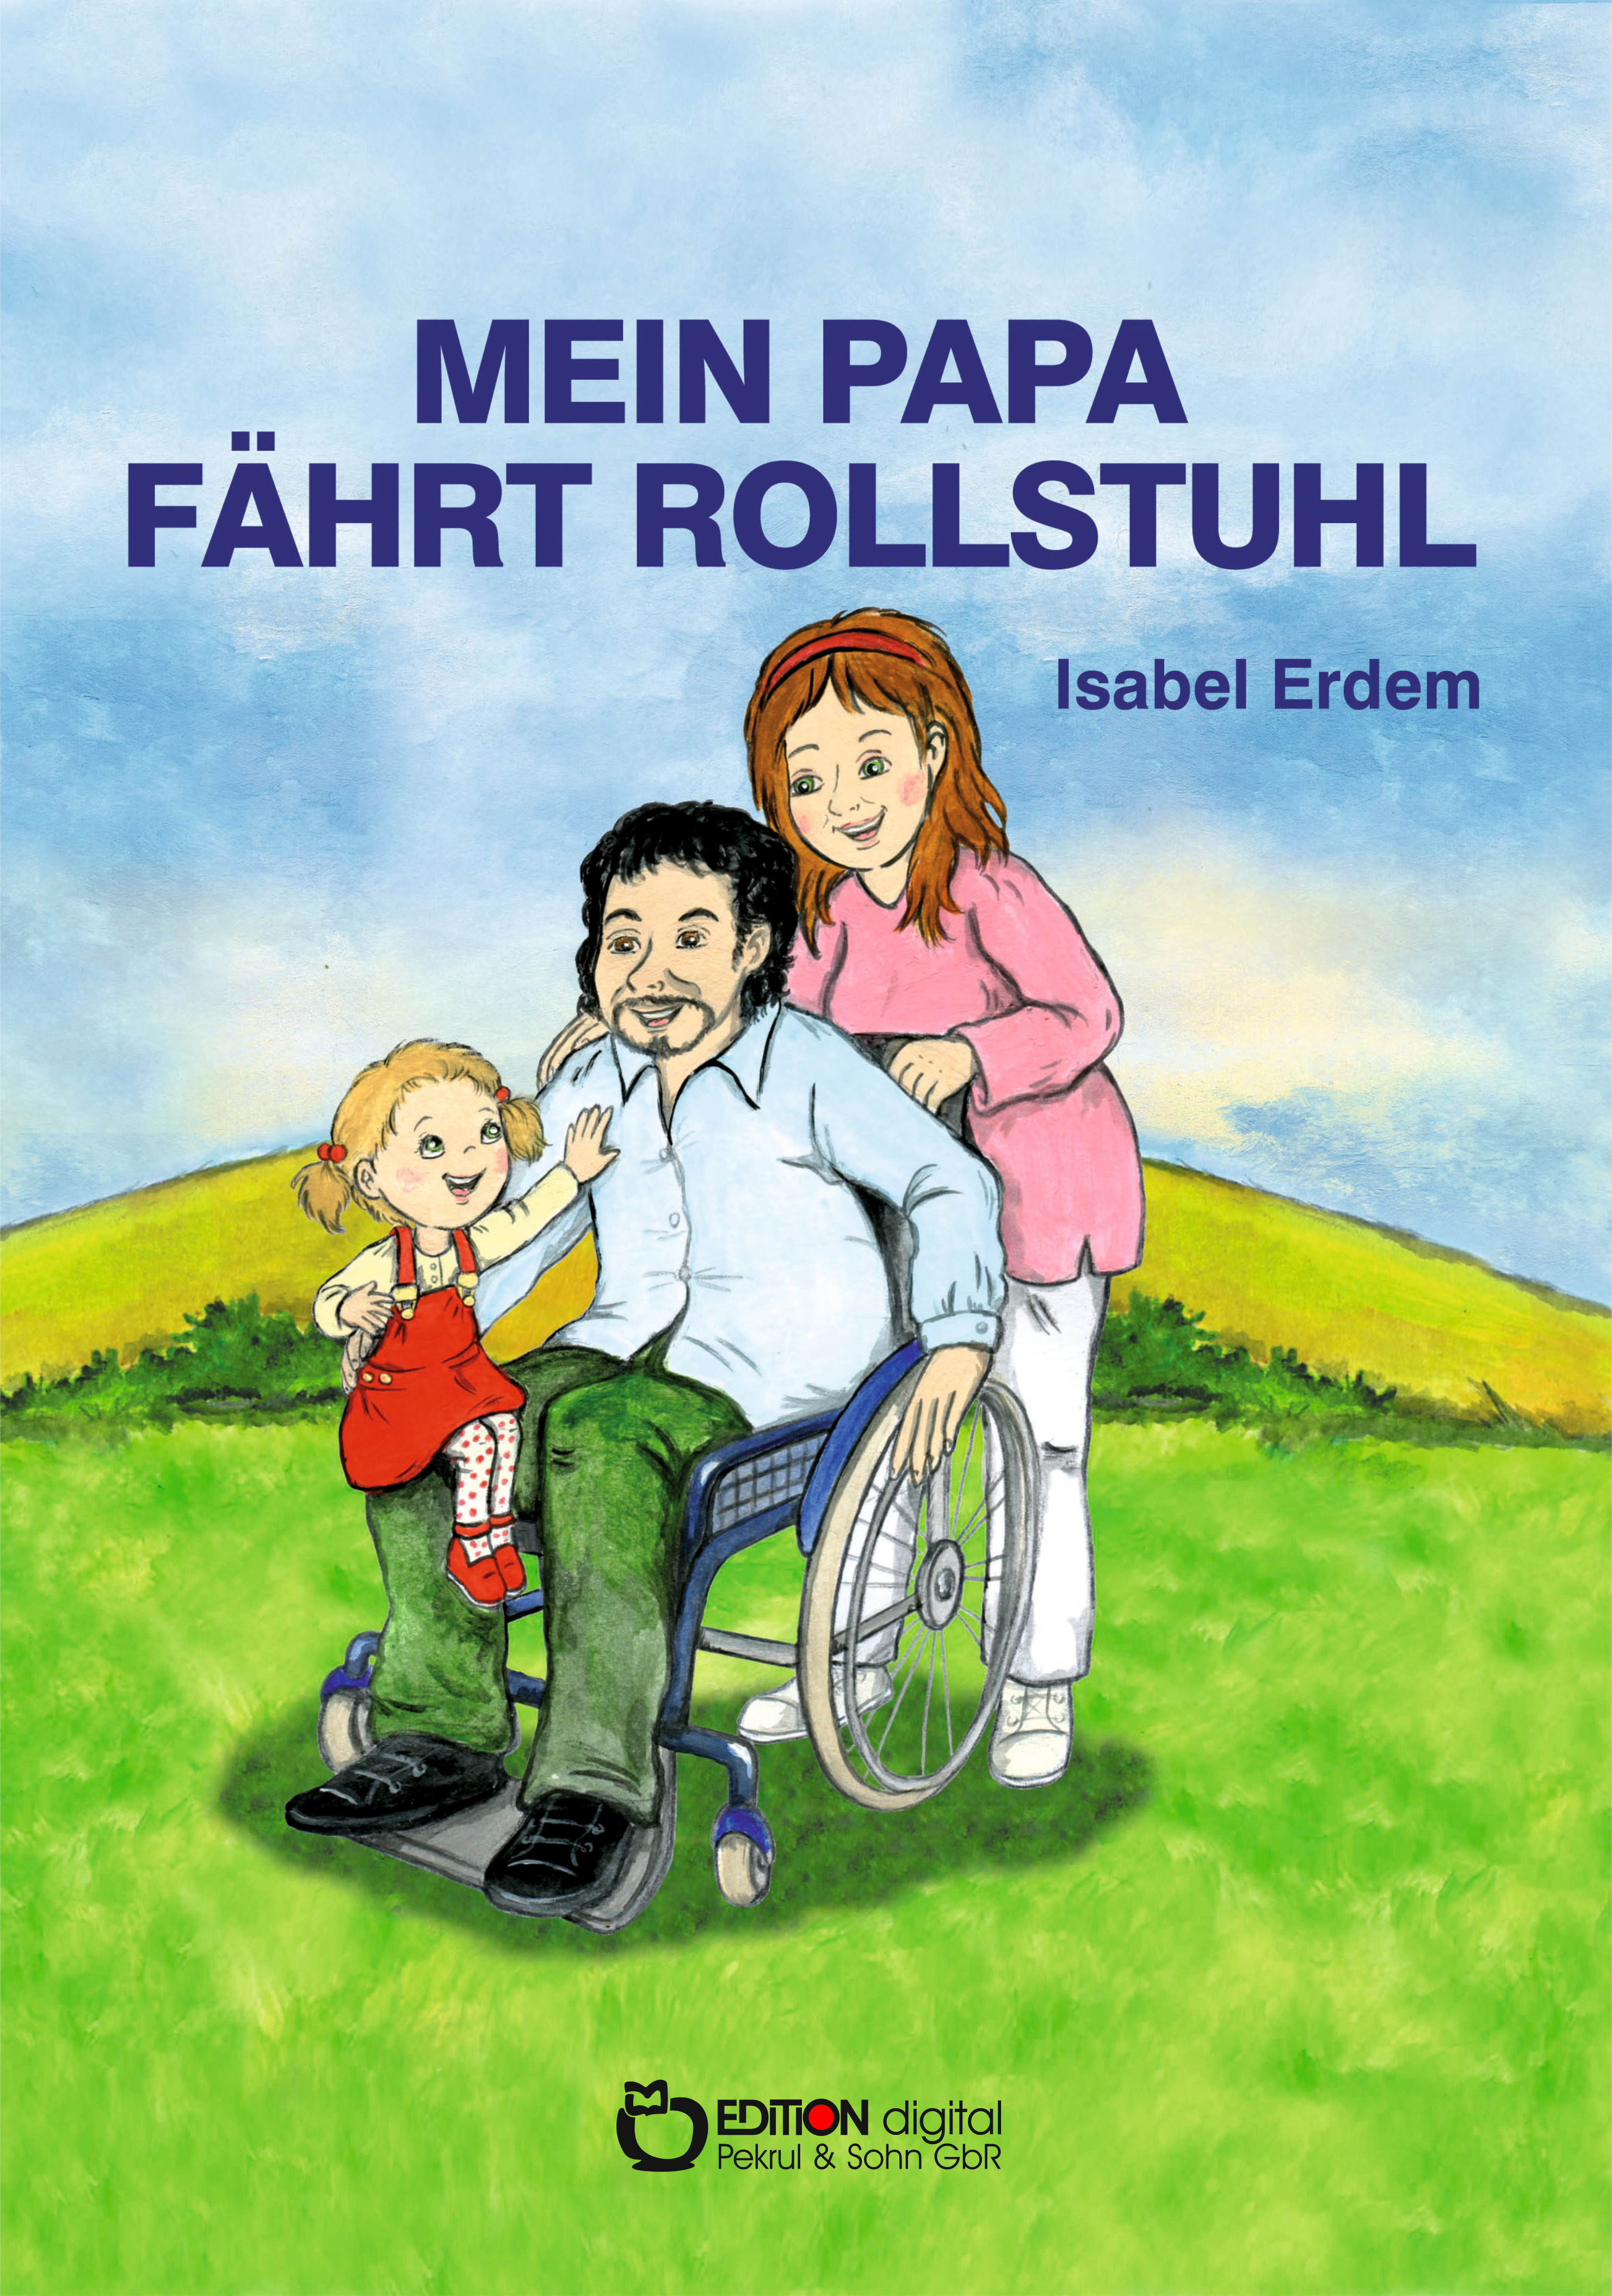 Mein Vater fährt Rollstuhl von Isabel Leyla Erdem